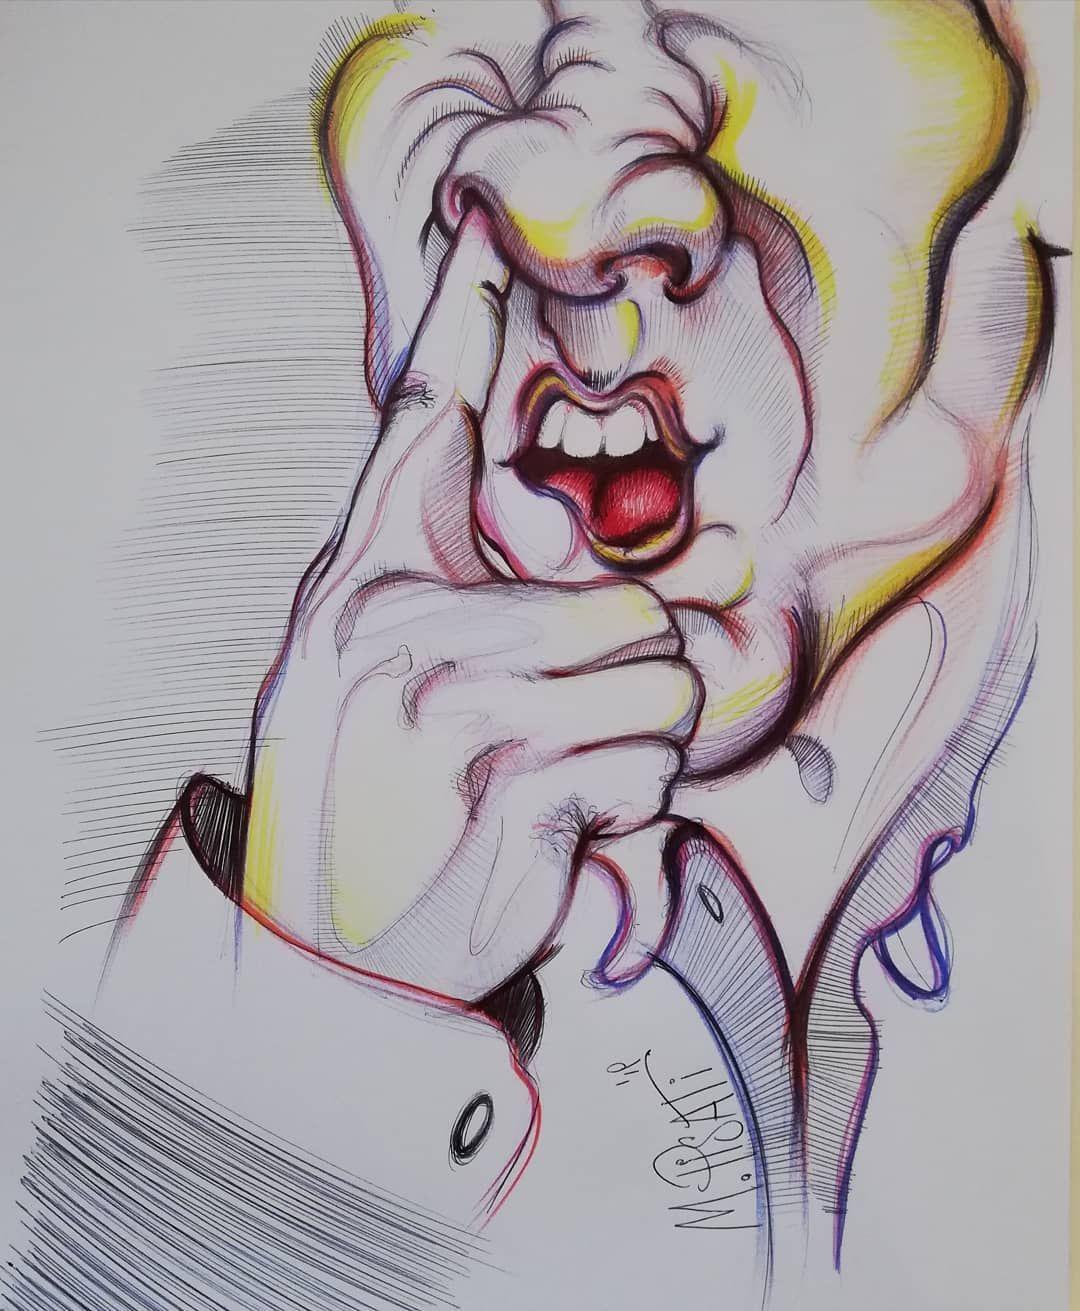 Senza farti vedere #foreground #nose #finger #fingerfood #fingerfoodparty #nosedrawing #drawing #drawingexpression #artwork #sketchman #sketchingart #fastsketch #fastdrawing #pensketching #pen #pendrawings #pencilcolours #colorsketch #illustrationart #illustration #illustrationgallery #paintingart #handsketch #handillustration #hands #sketchgallery #galleryartist #foodporn